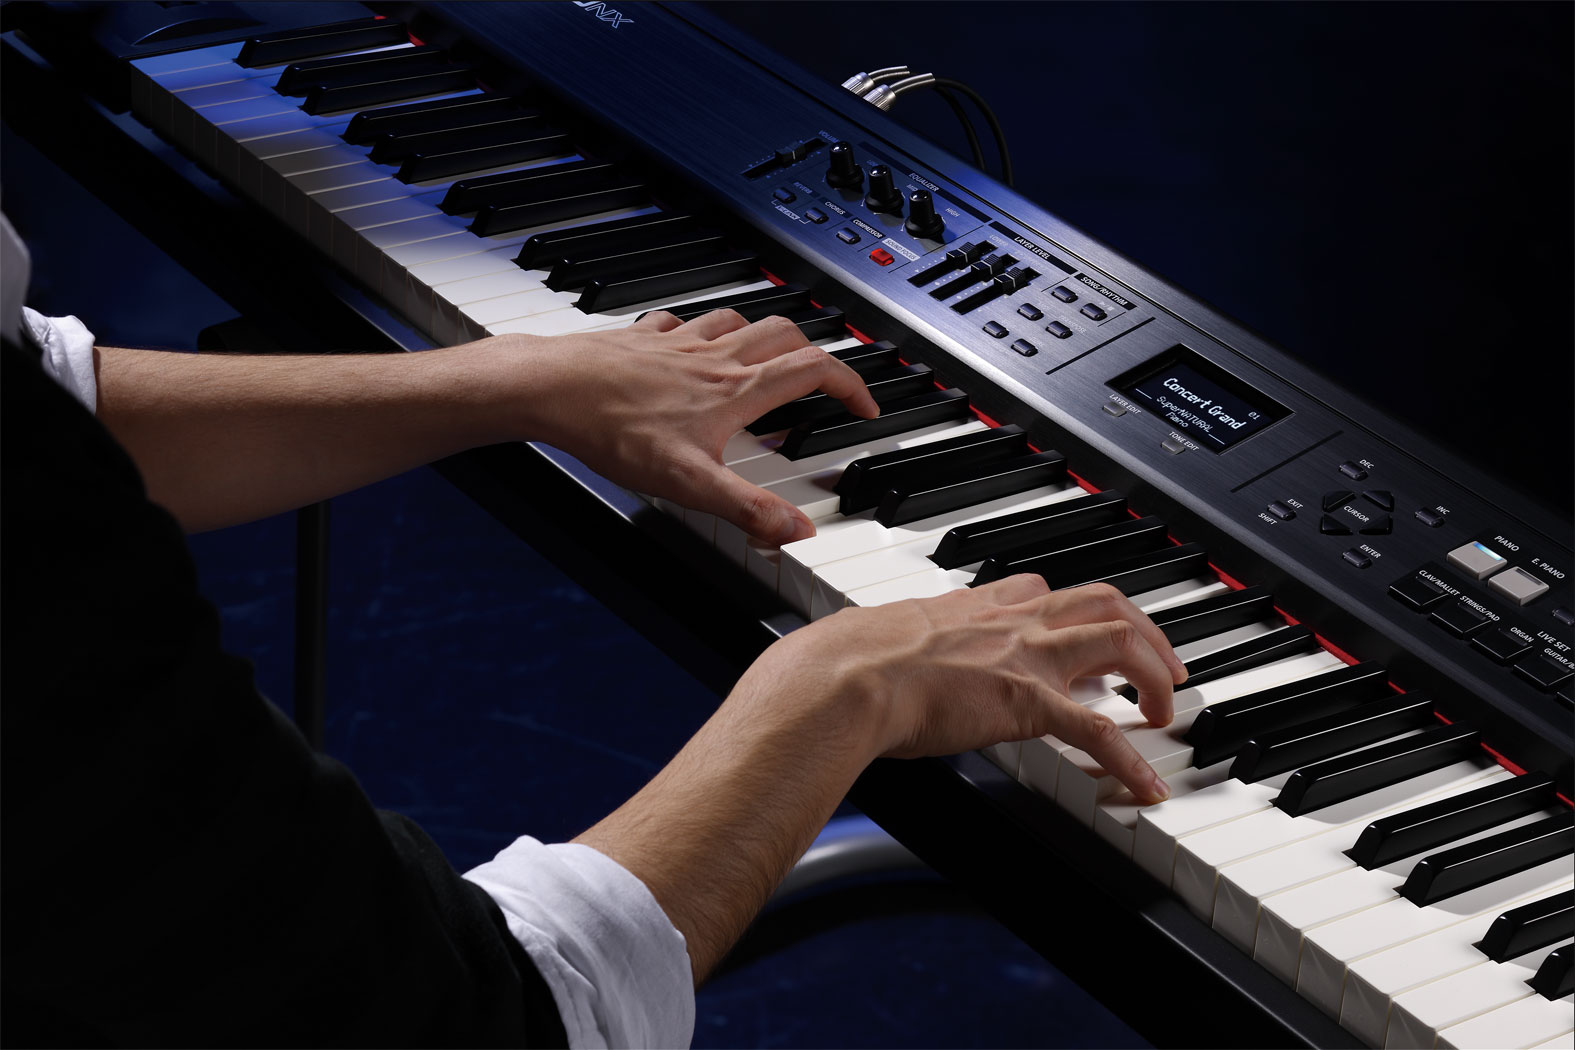 tastiera 6